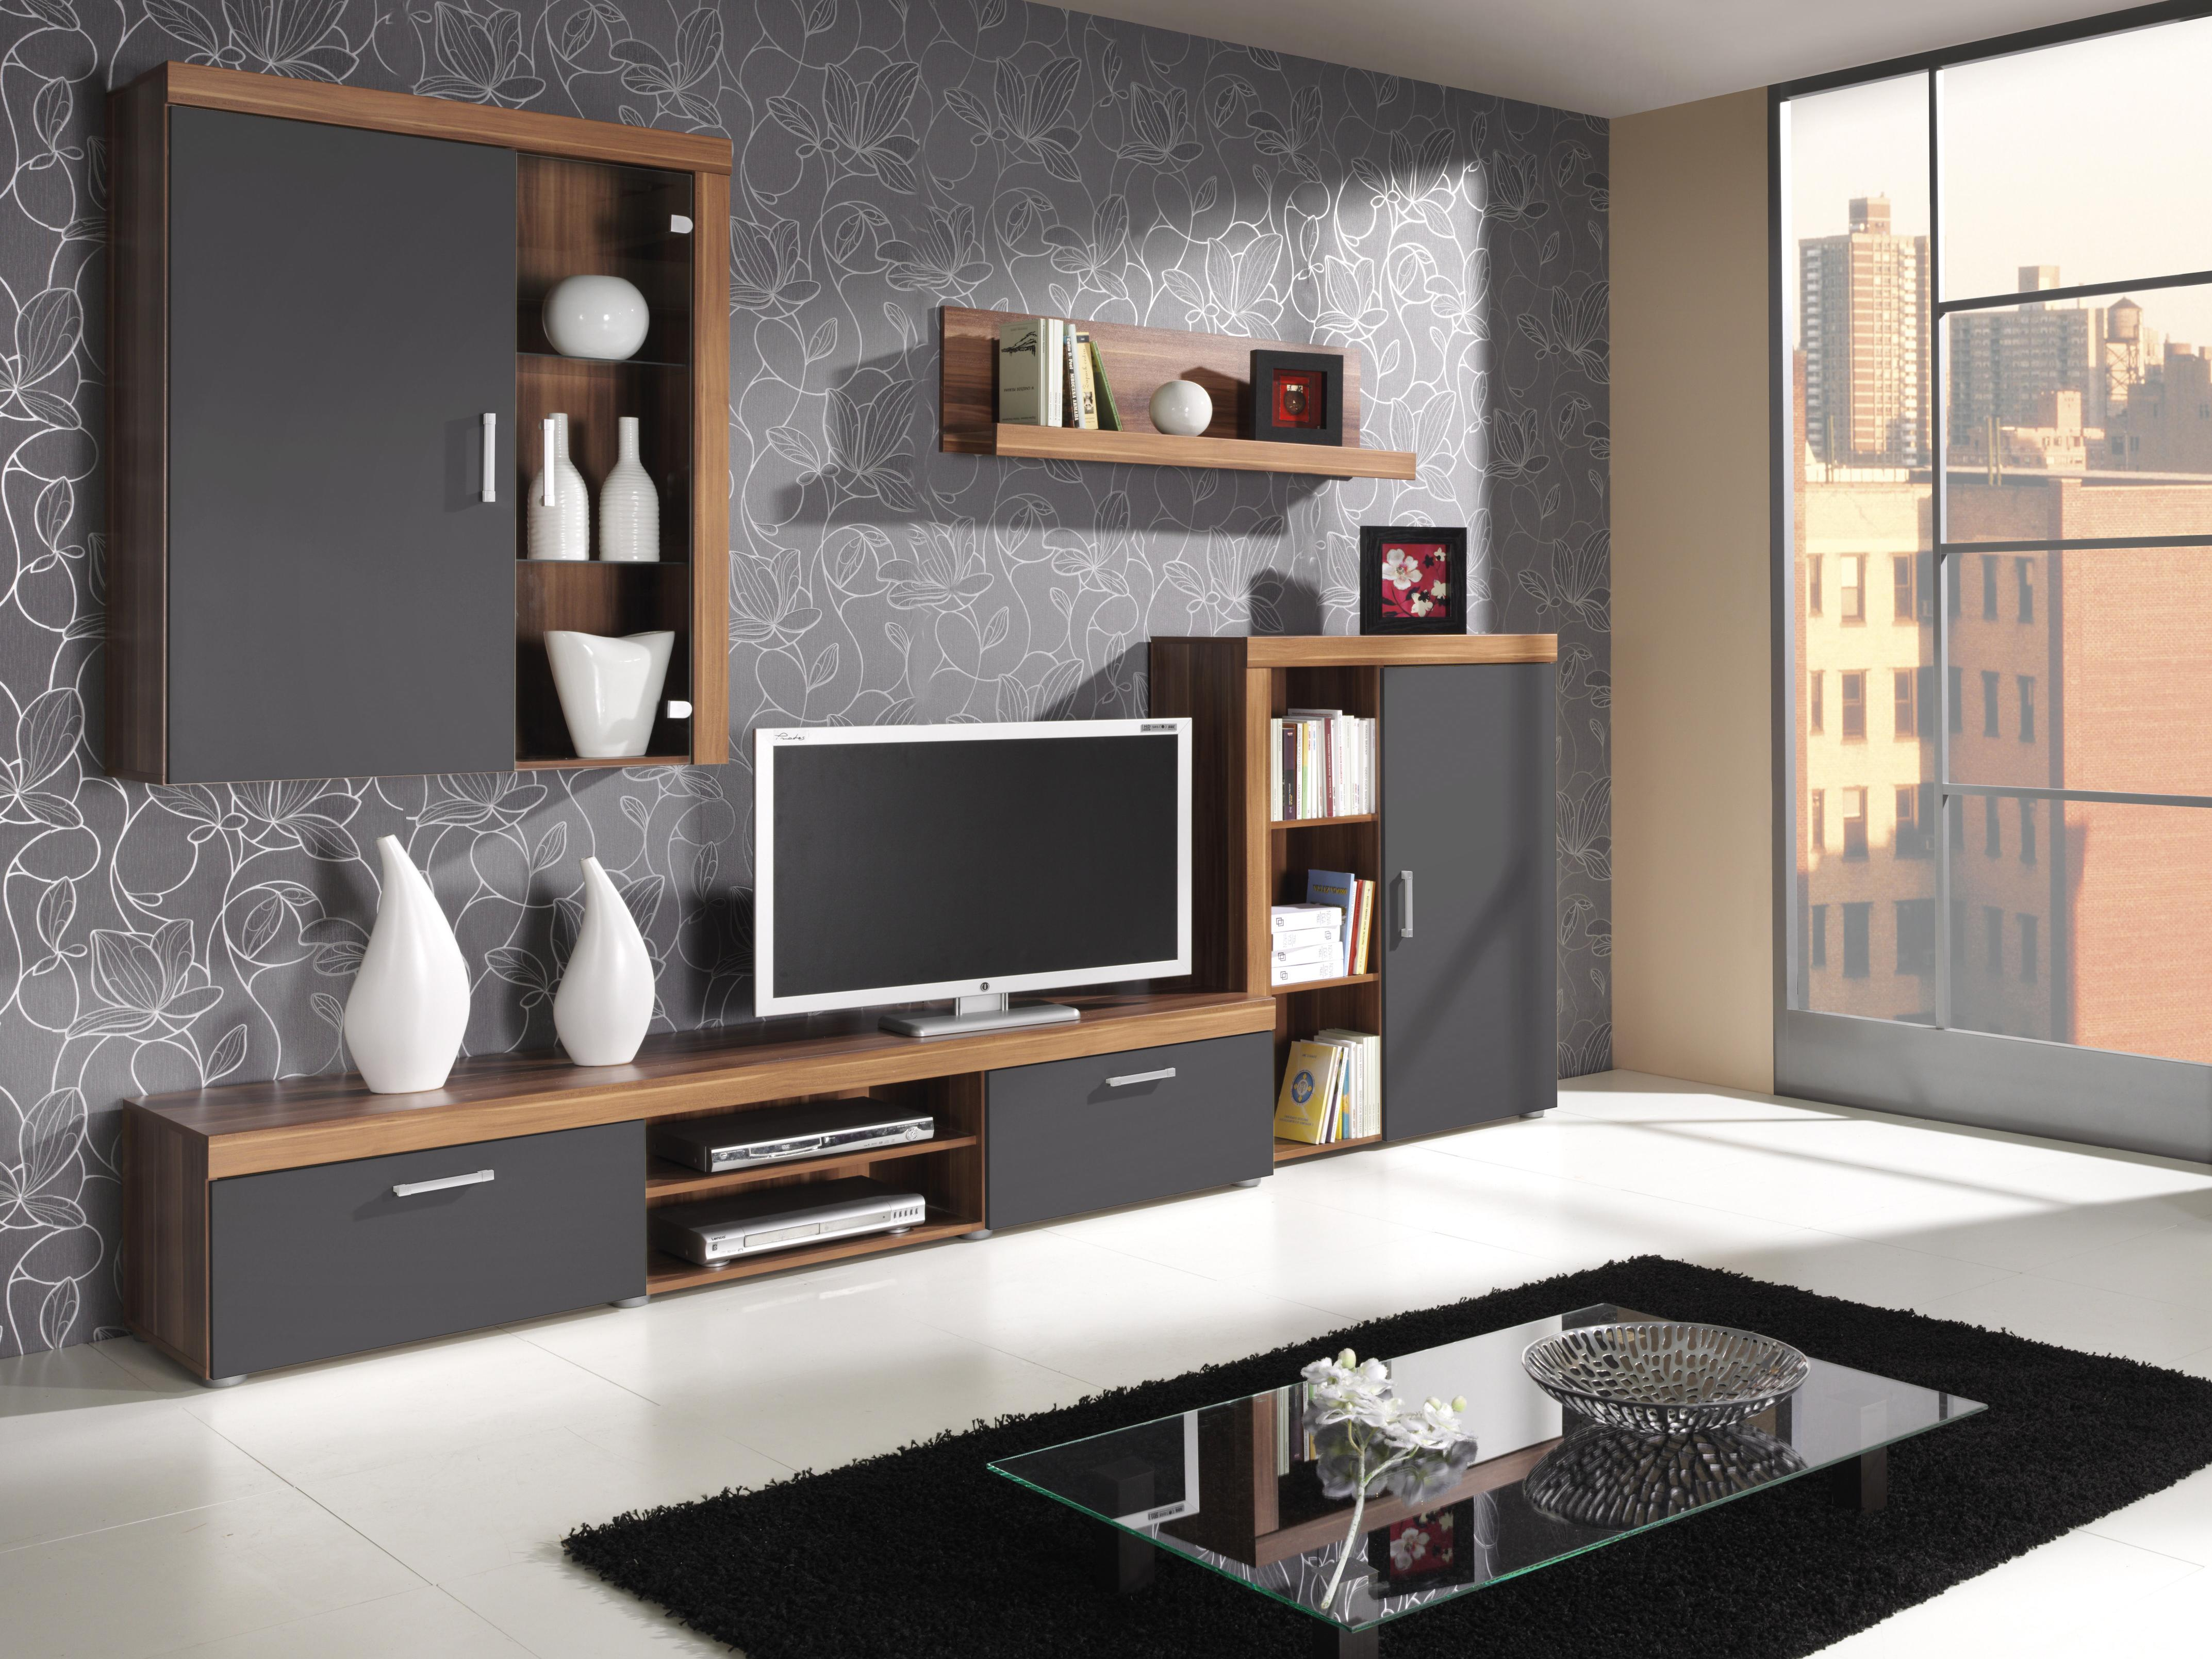 Obývacia stena - Salford - 2. Akcia -32%. Vlastná spoľahlivá doprava až k Vám domov.